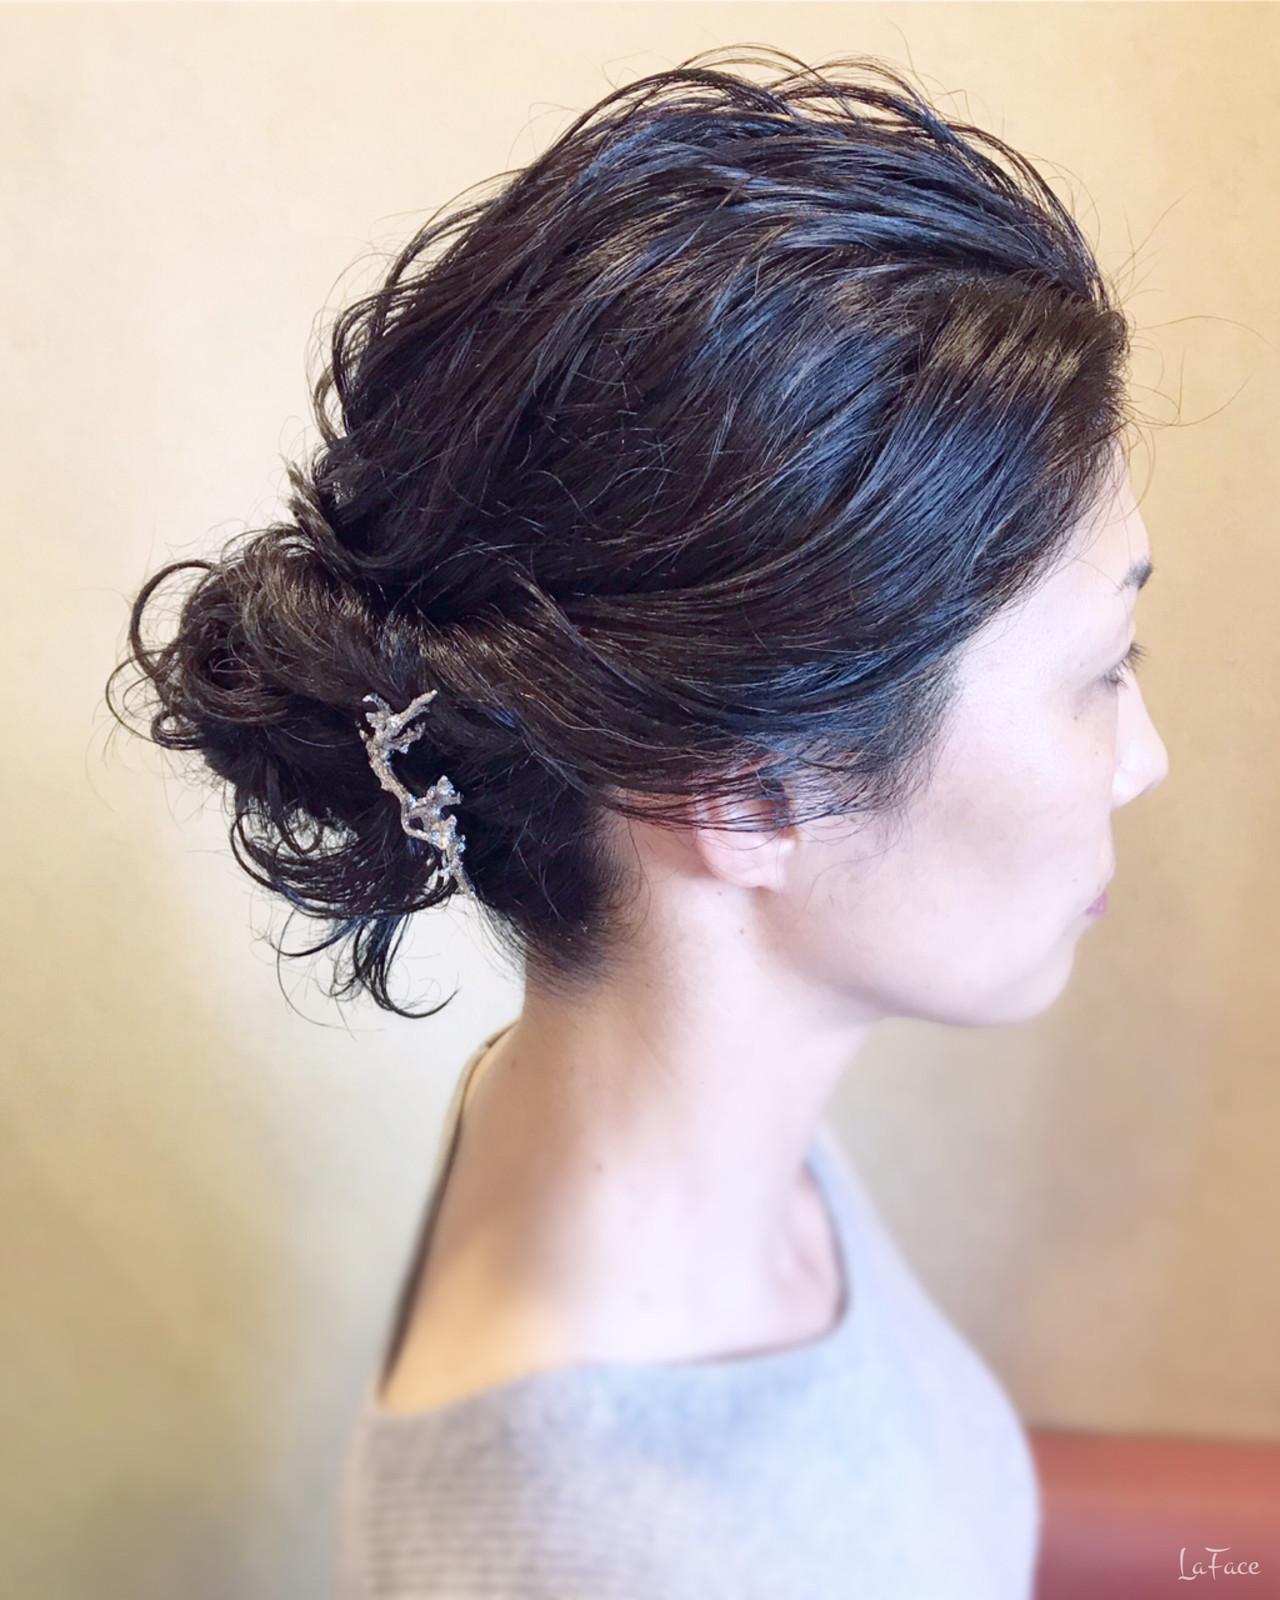 ナチュラル ロング ヘアアレンジ お団子 ヘアスタイルや髪型の写真・画像 | 青柳 哲郎 / ラフェイス / LaFace / ラフェイス